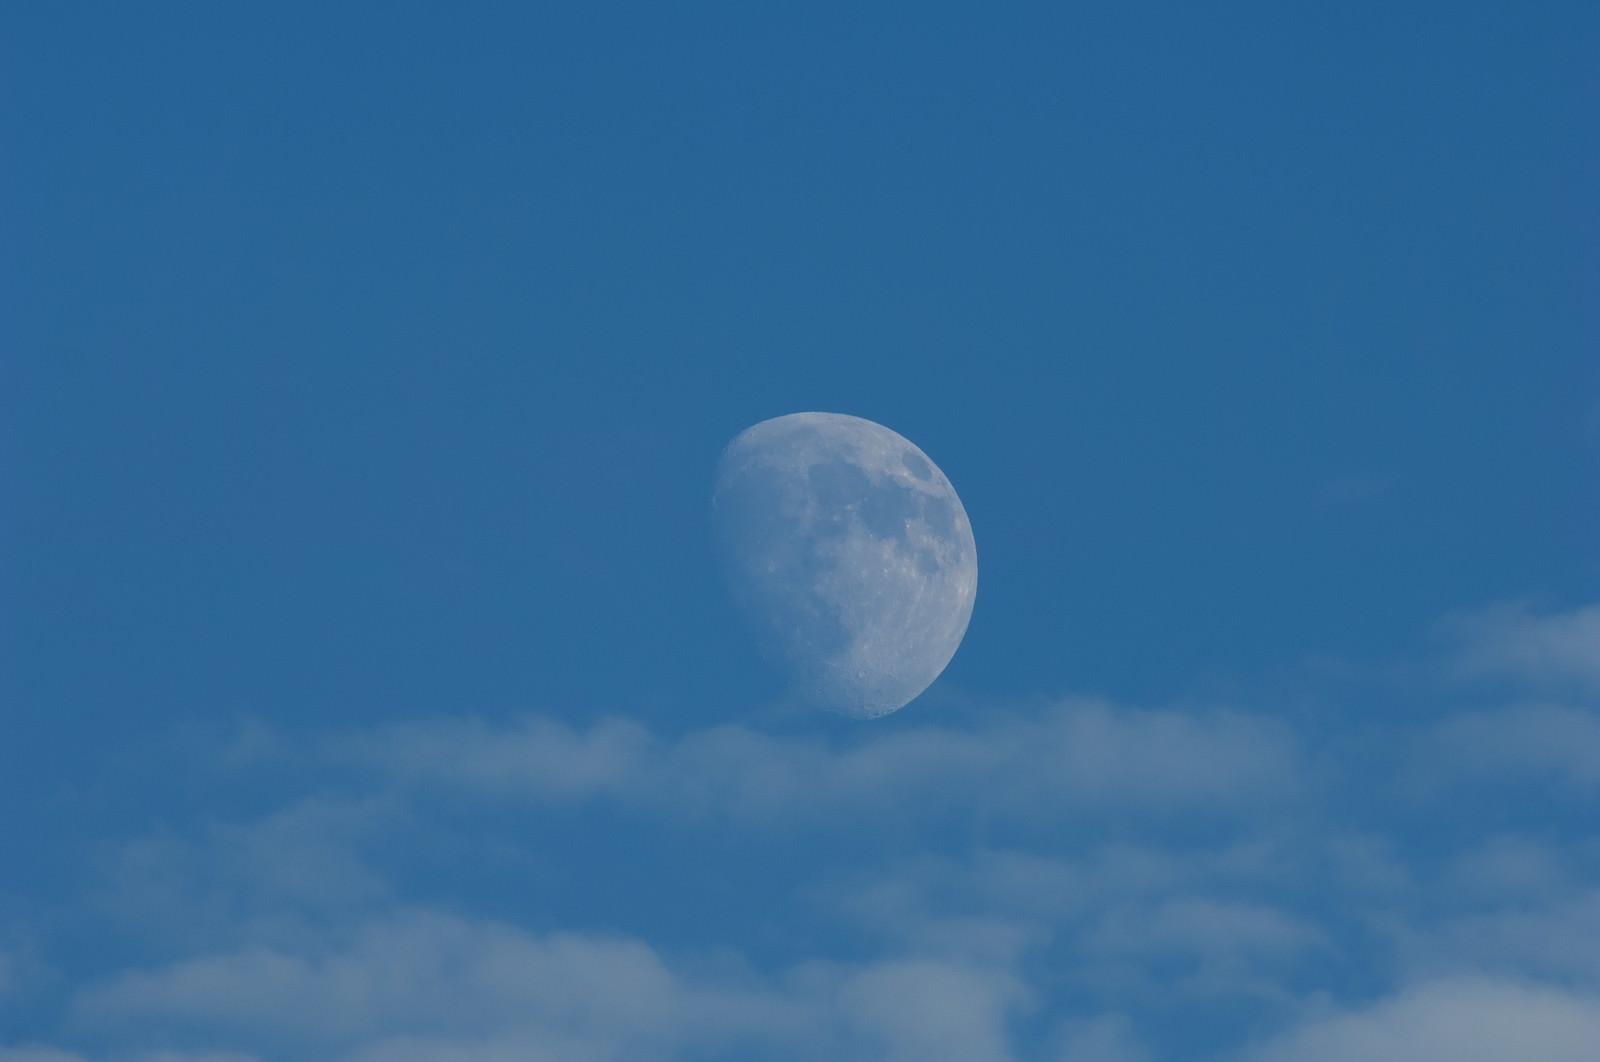 「空に浮かぶ十日夜の月空に浮かぶ十日夜の月」のフリー写真素材を拡大